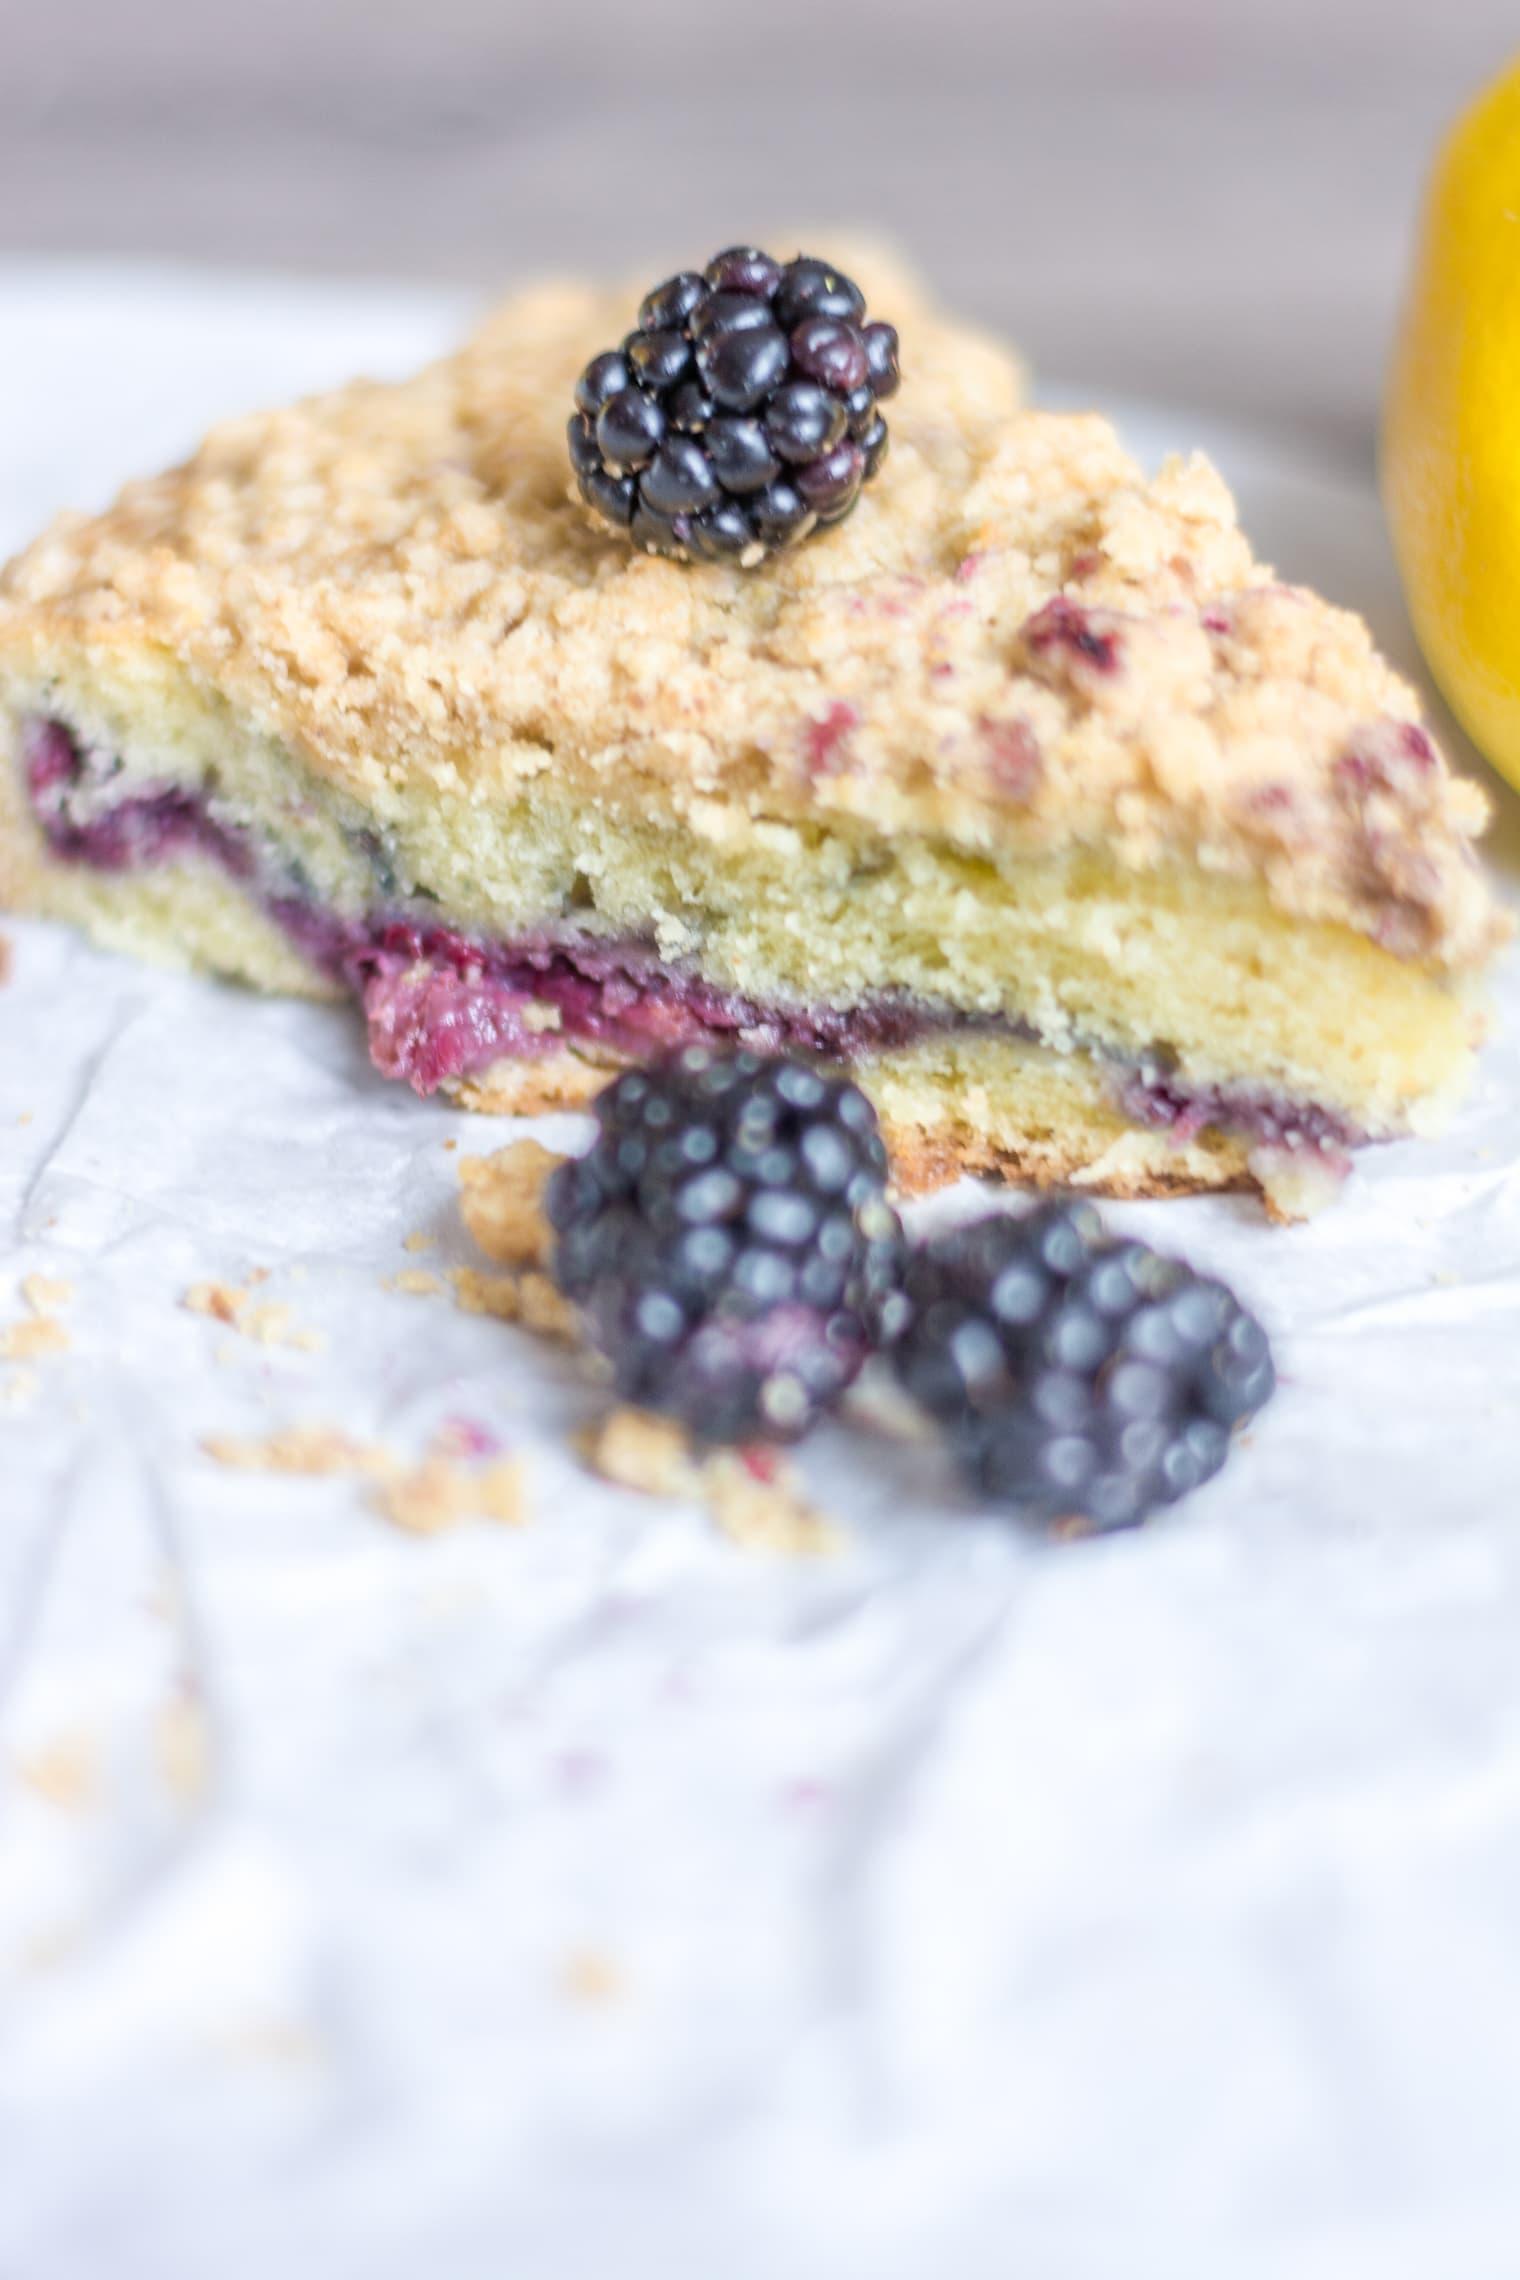 lemon crumb cake recipe // blackberry lemon cake // blackberry cake filling